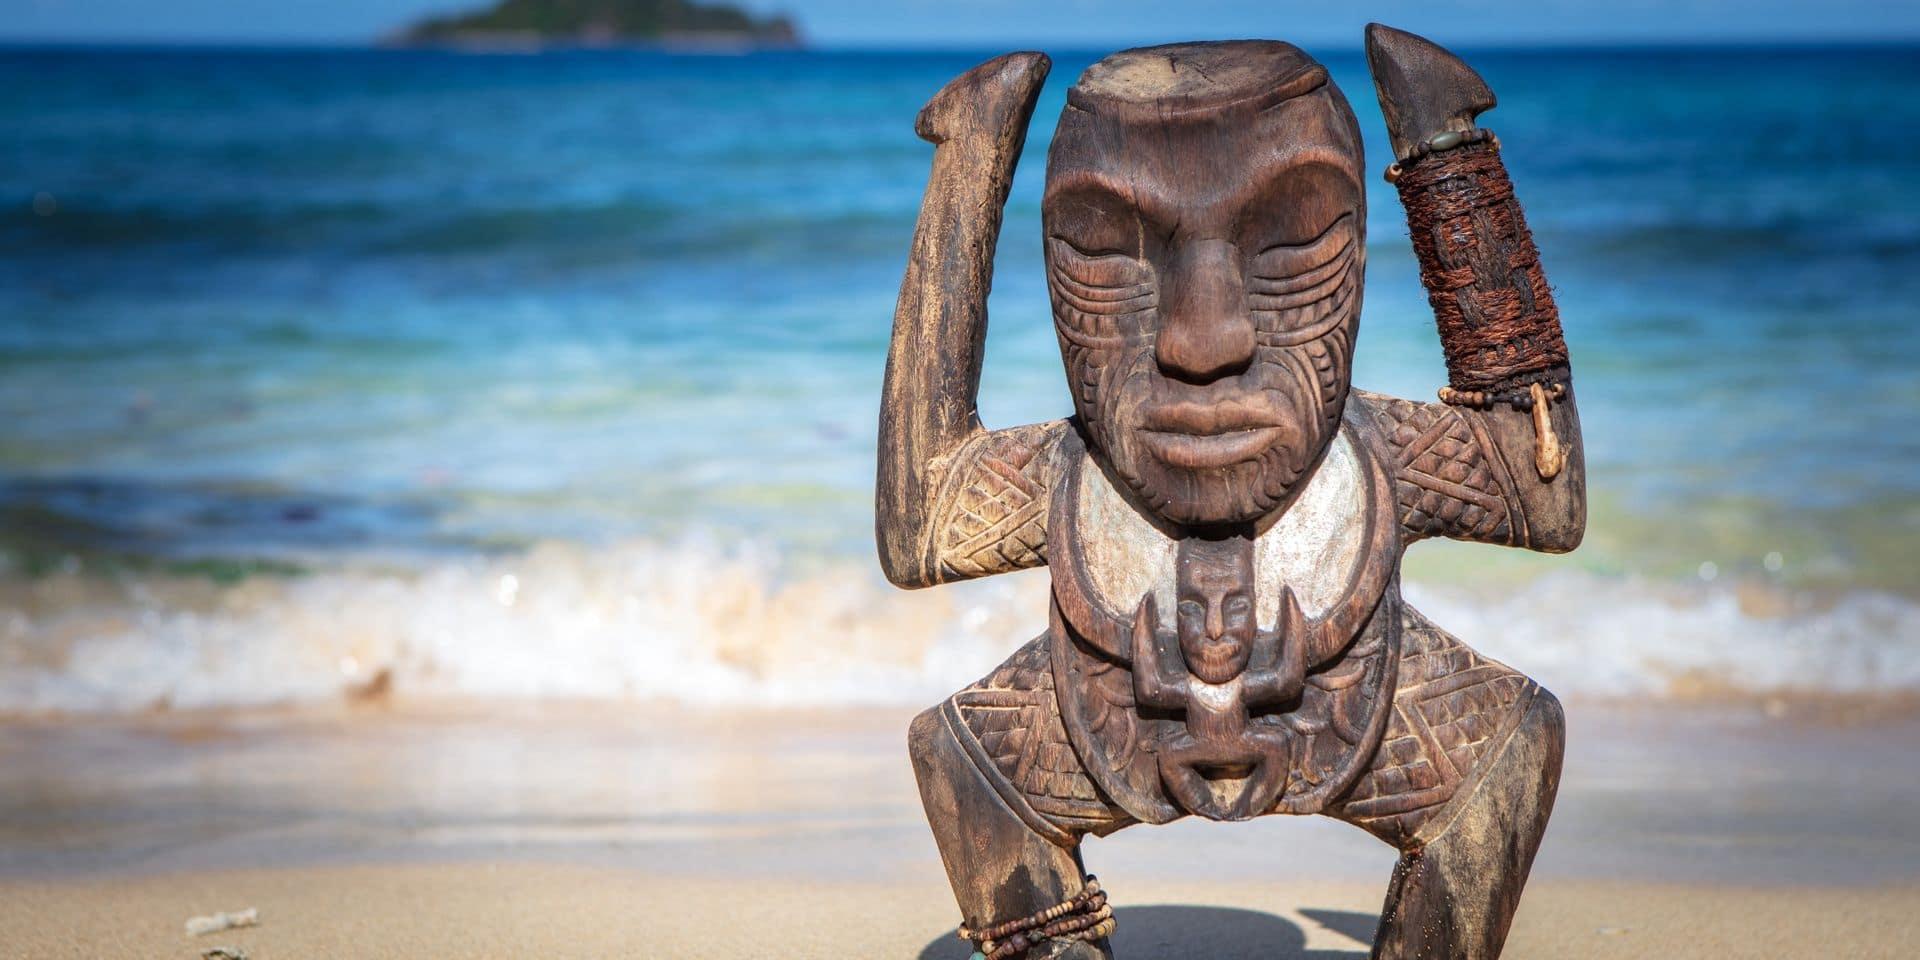 """Cet ancien candidat de Koh Lanta a été défiguré lors d'un voyage à Tahiti: """"C'était beaucoup plus douloureux qu'une guêpe"""""""